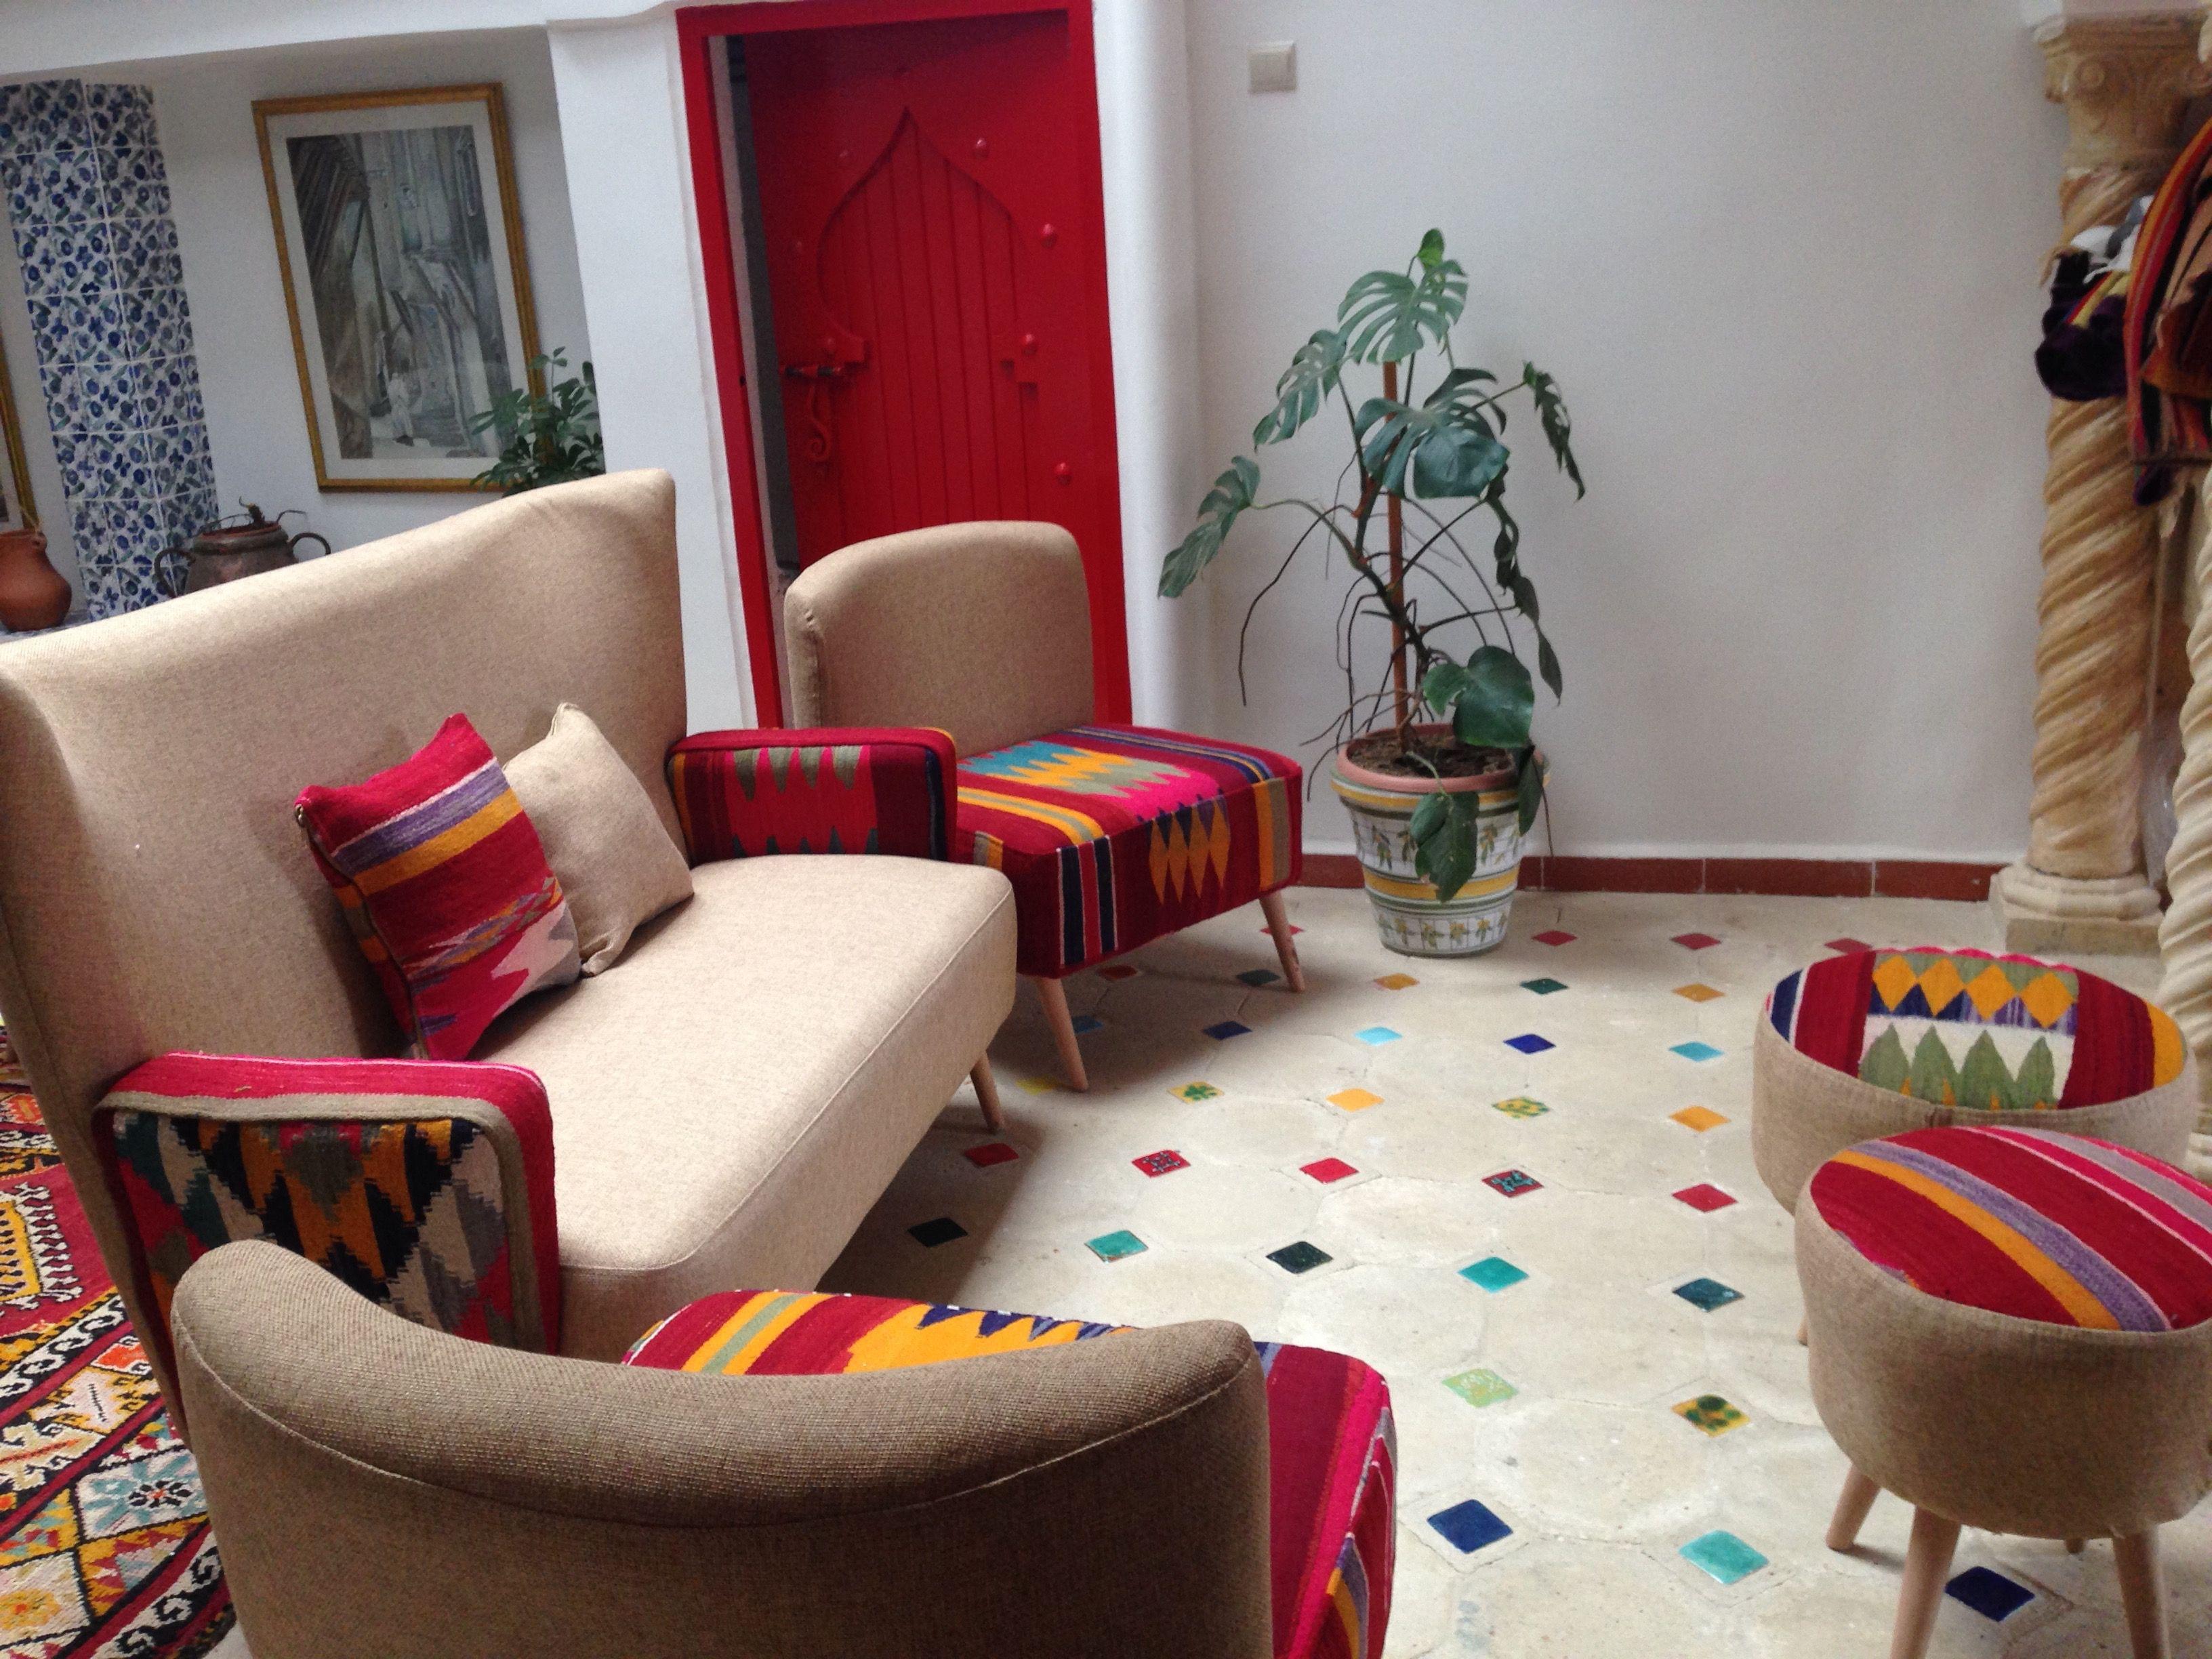 Divan Fauteuils Tabourets By La Dwira Chic Boutique Alger Telemly Hotel Aurassi Artisanat Design Alger Algerie Hassibabo Home Decor Home Decor